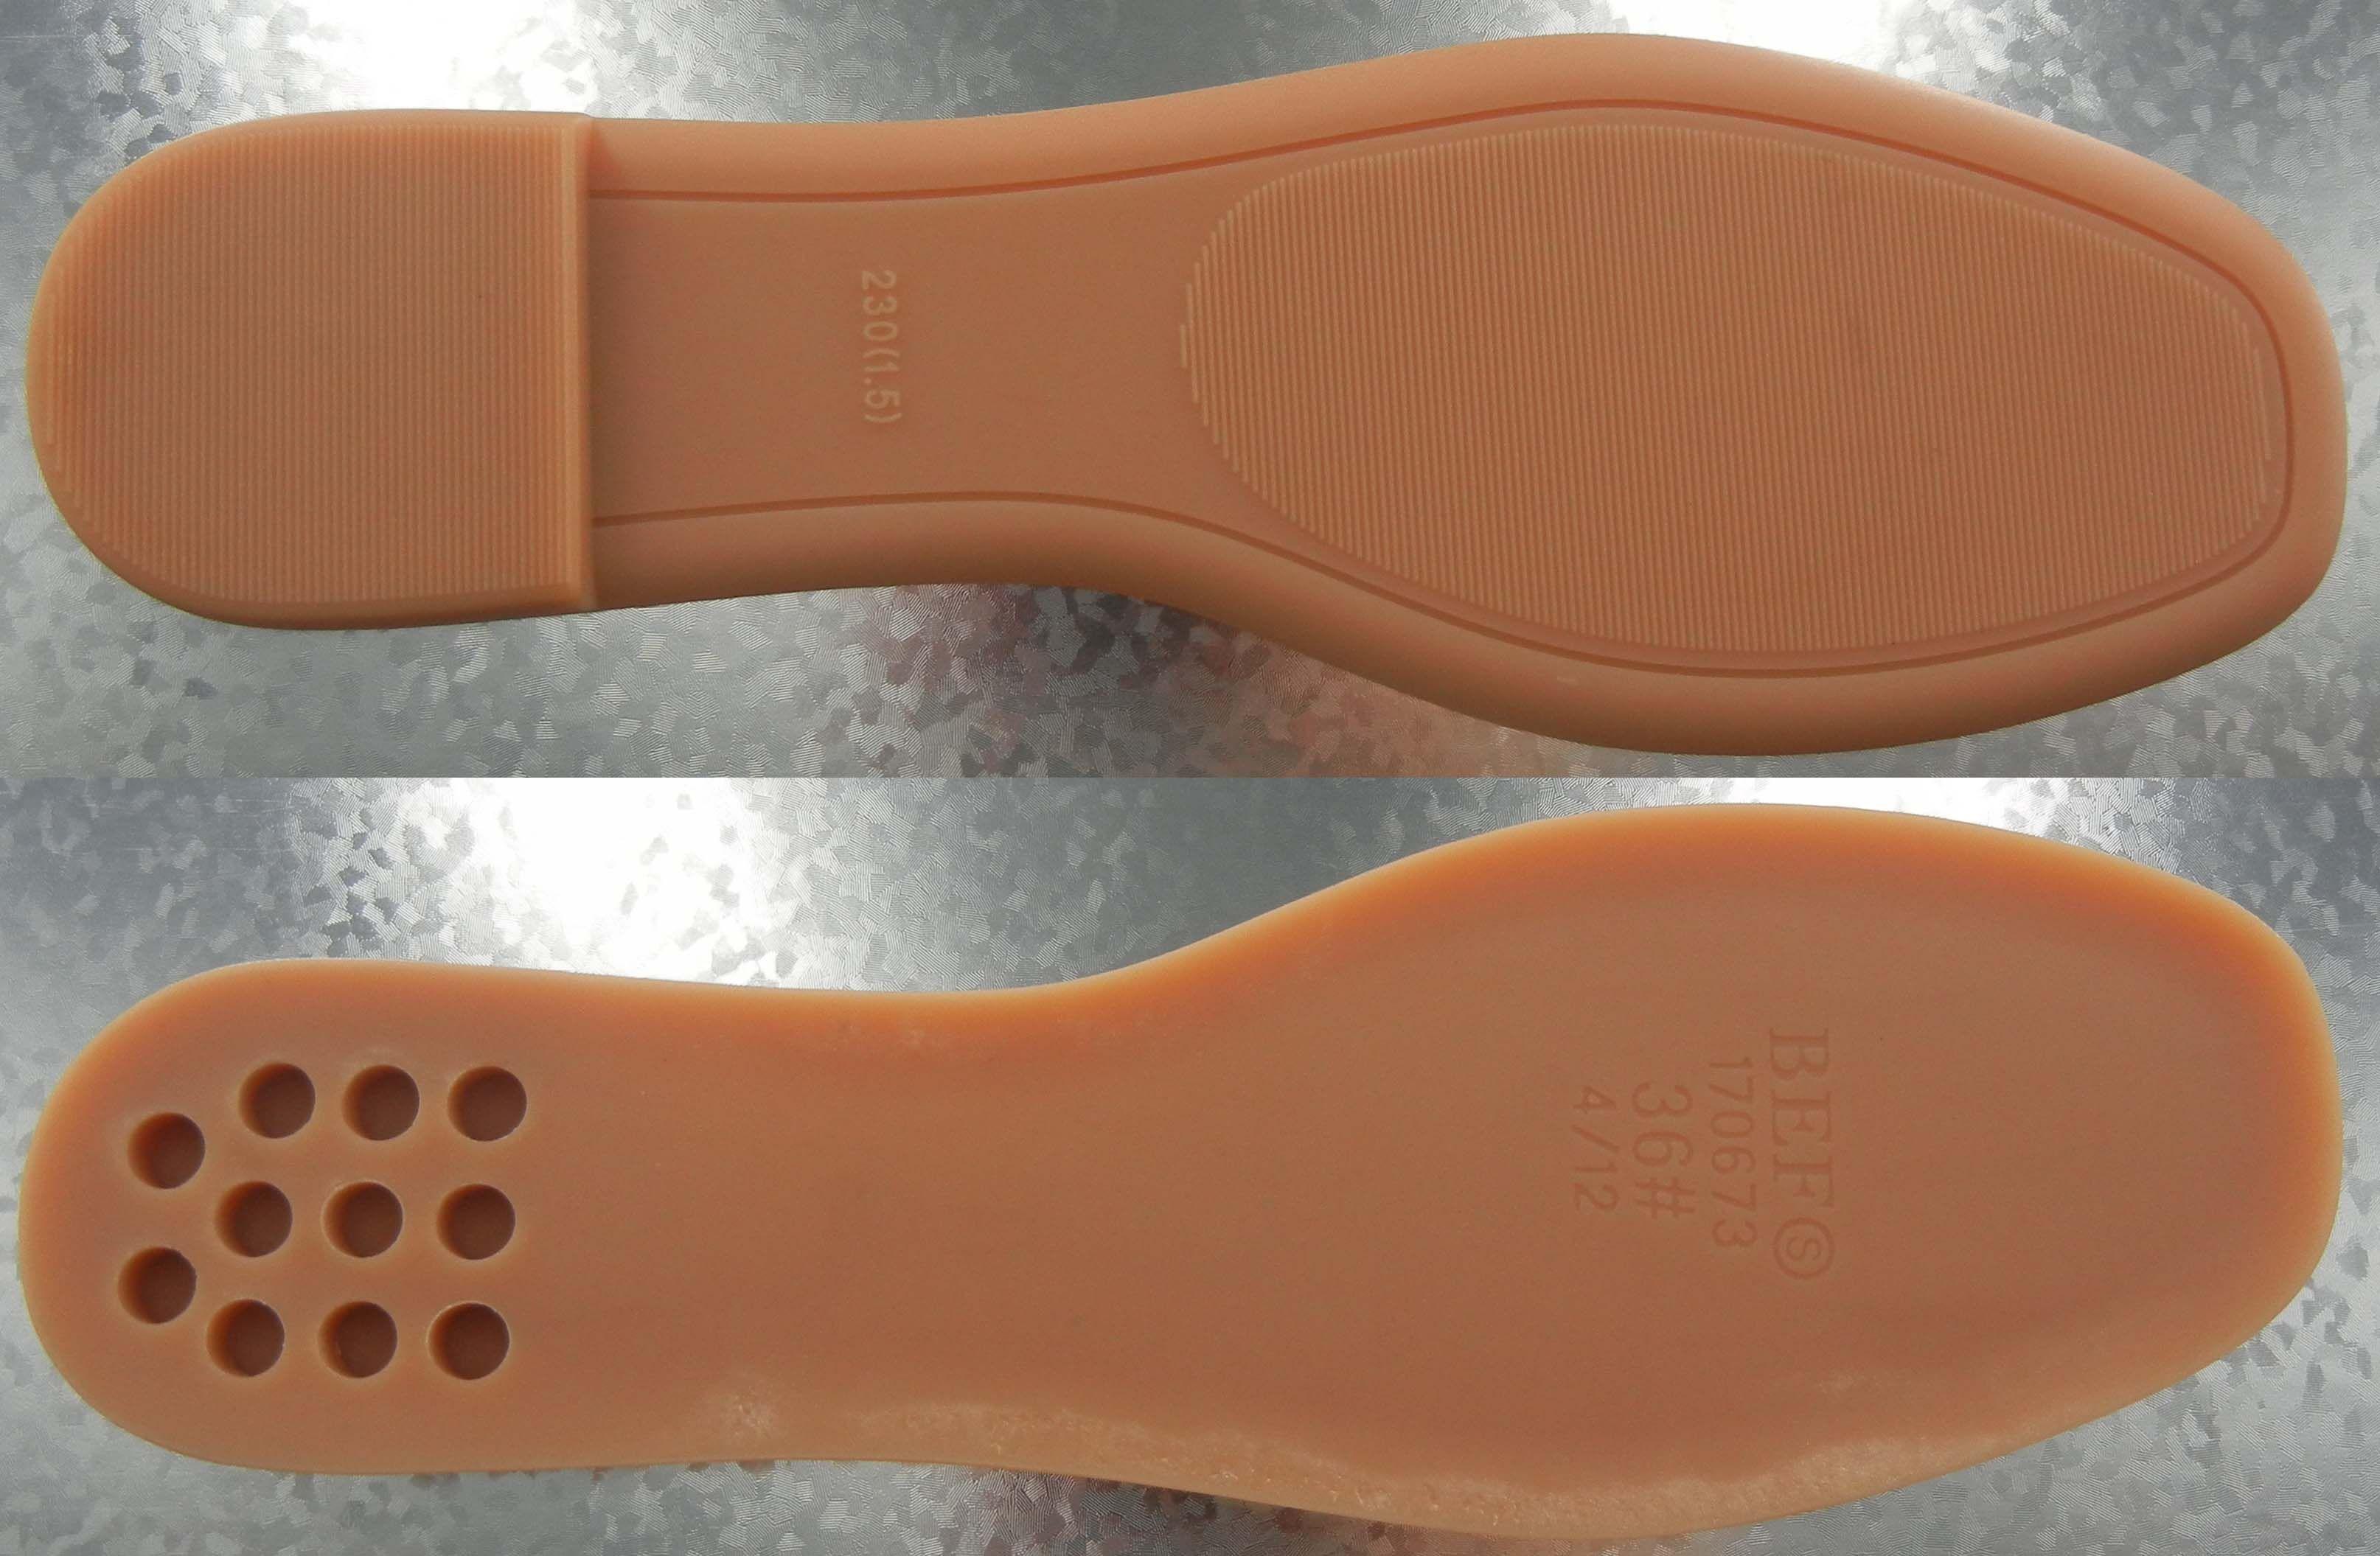 Cheap Shoe Rubber Soles Rubber Shoes Rubber Black Sports Shoes